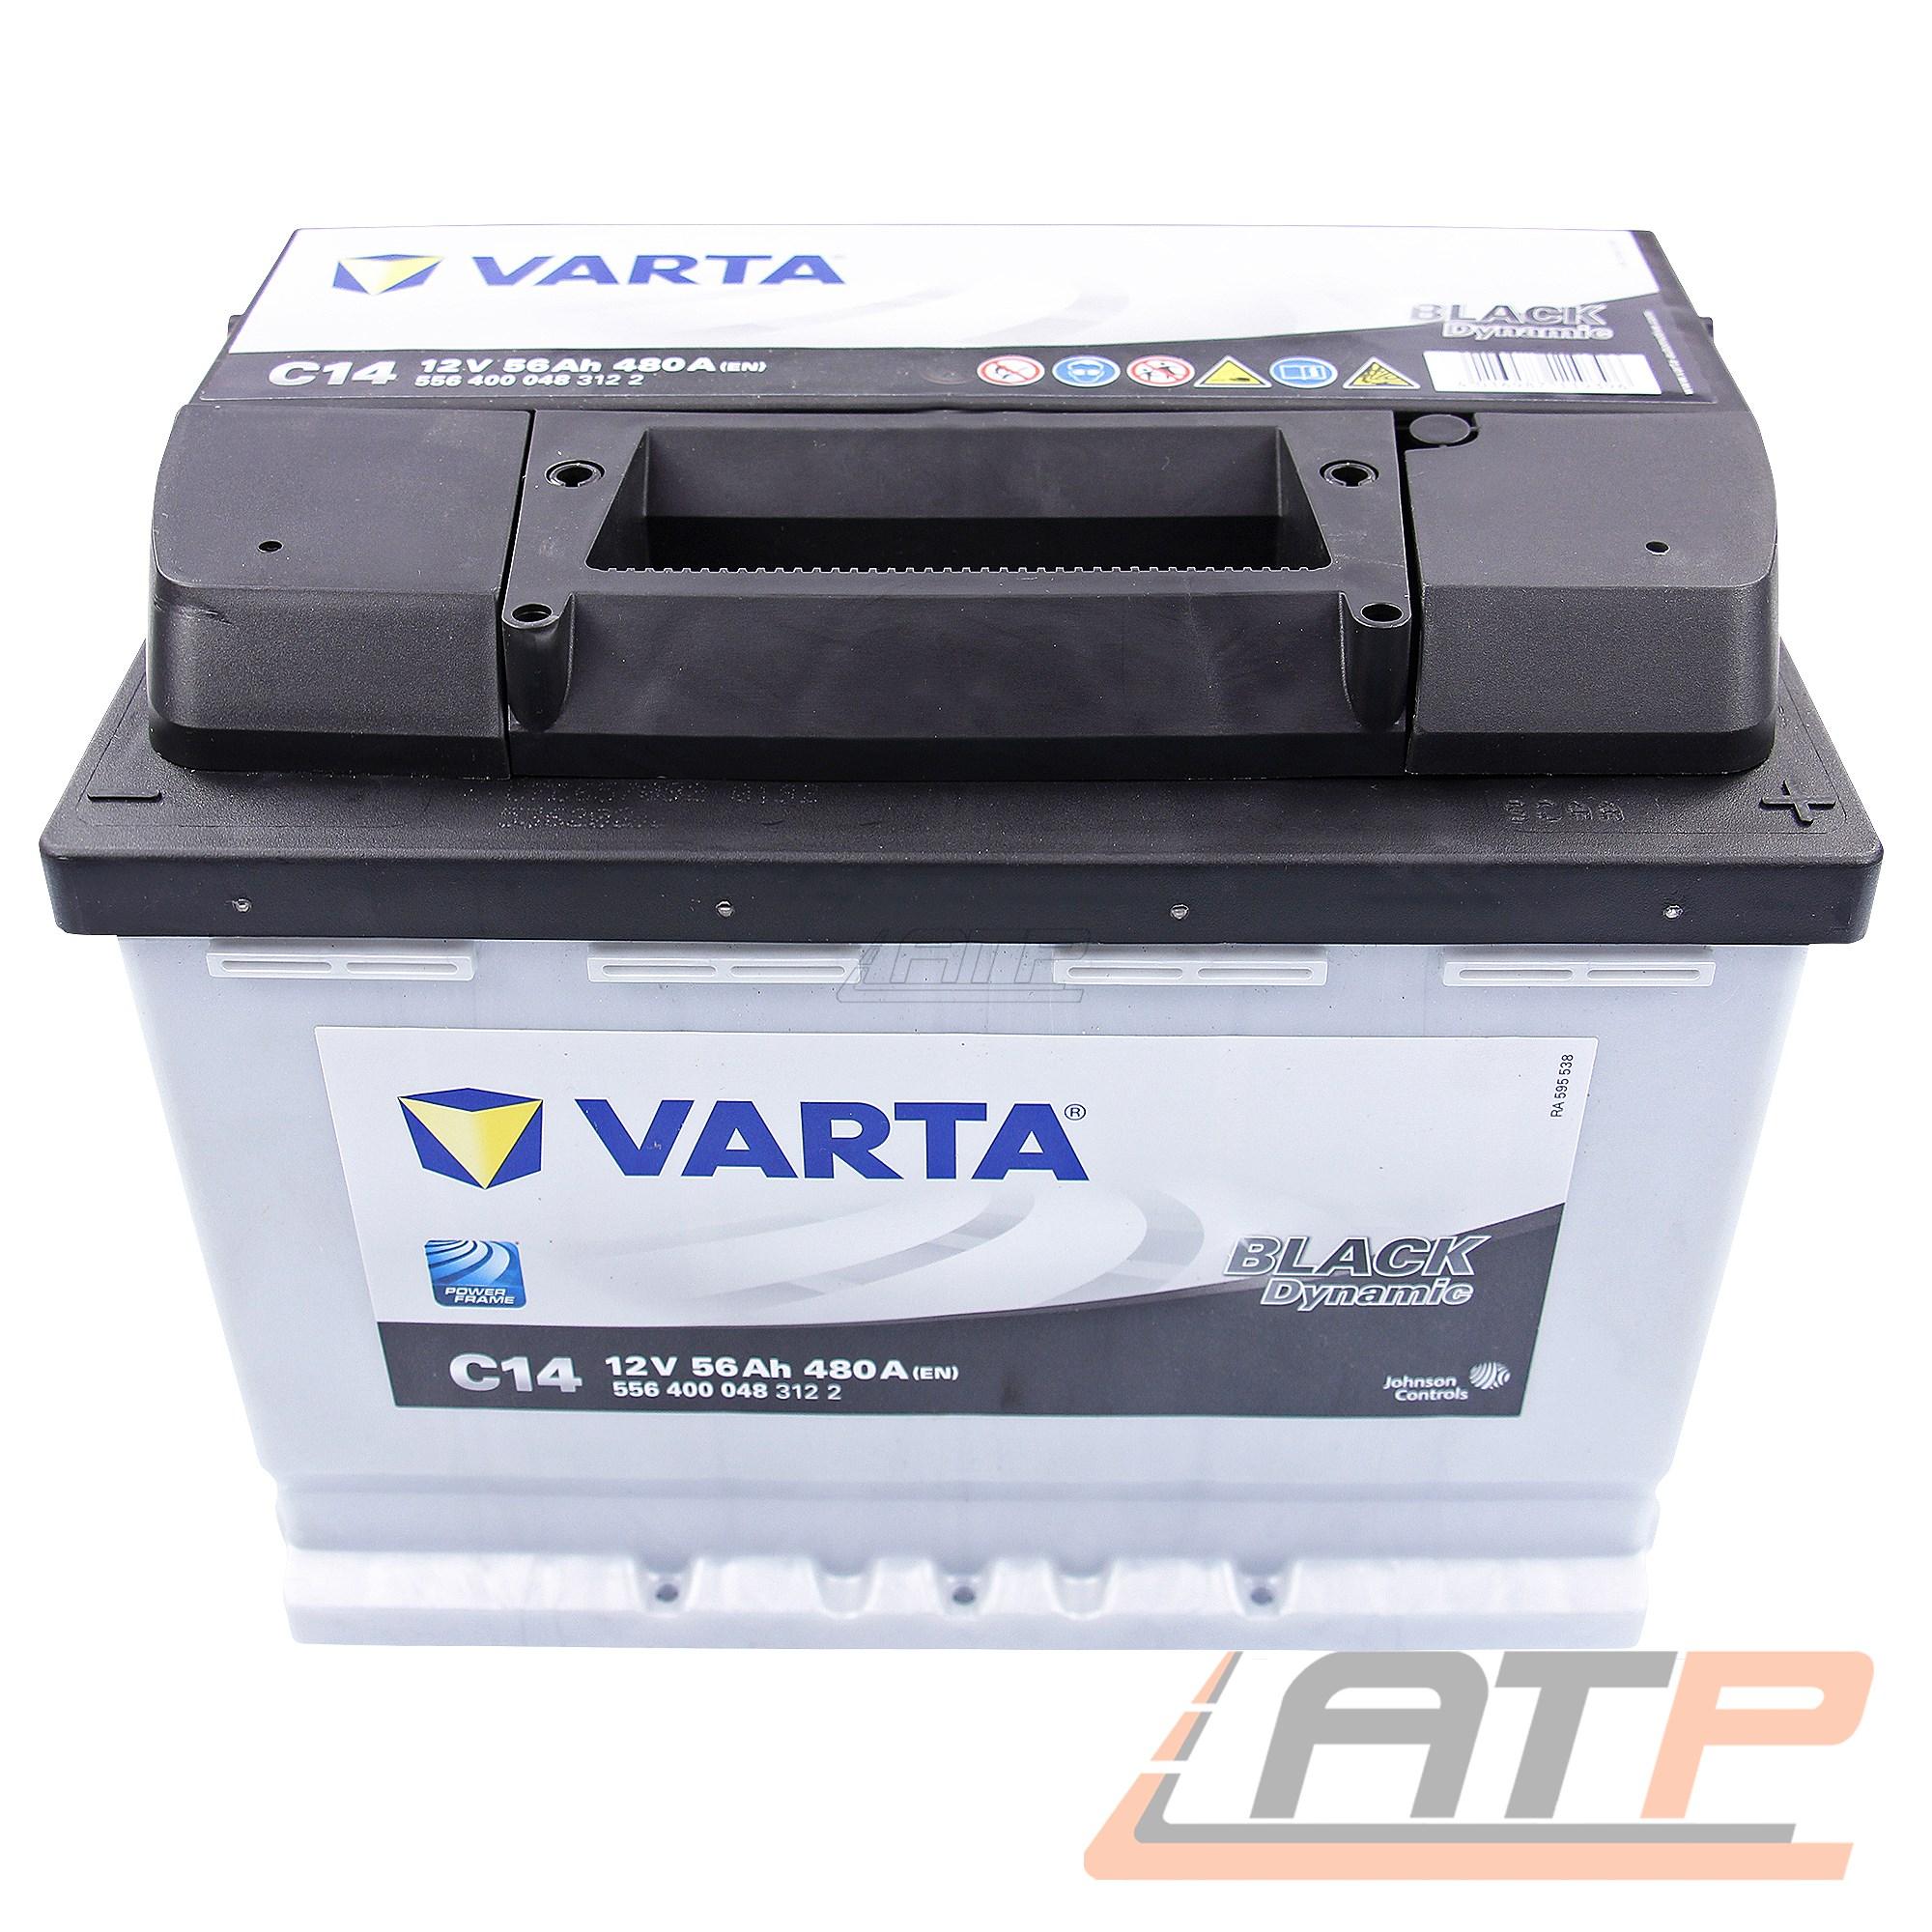 VARTA AUTO-BATTERIE 12V 56AH 480A ERSETZT 50-AH 52-AH 53-AH 54-AH 55-AH 31602829